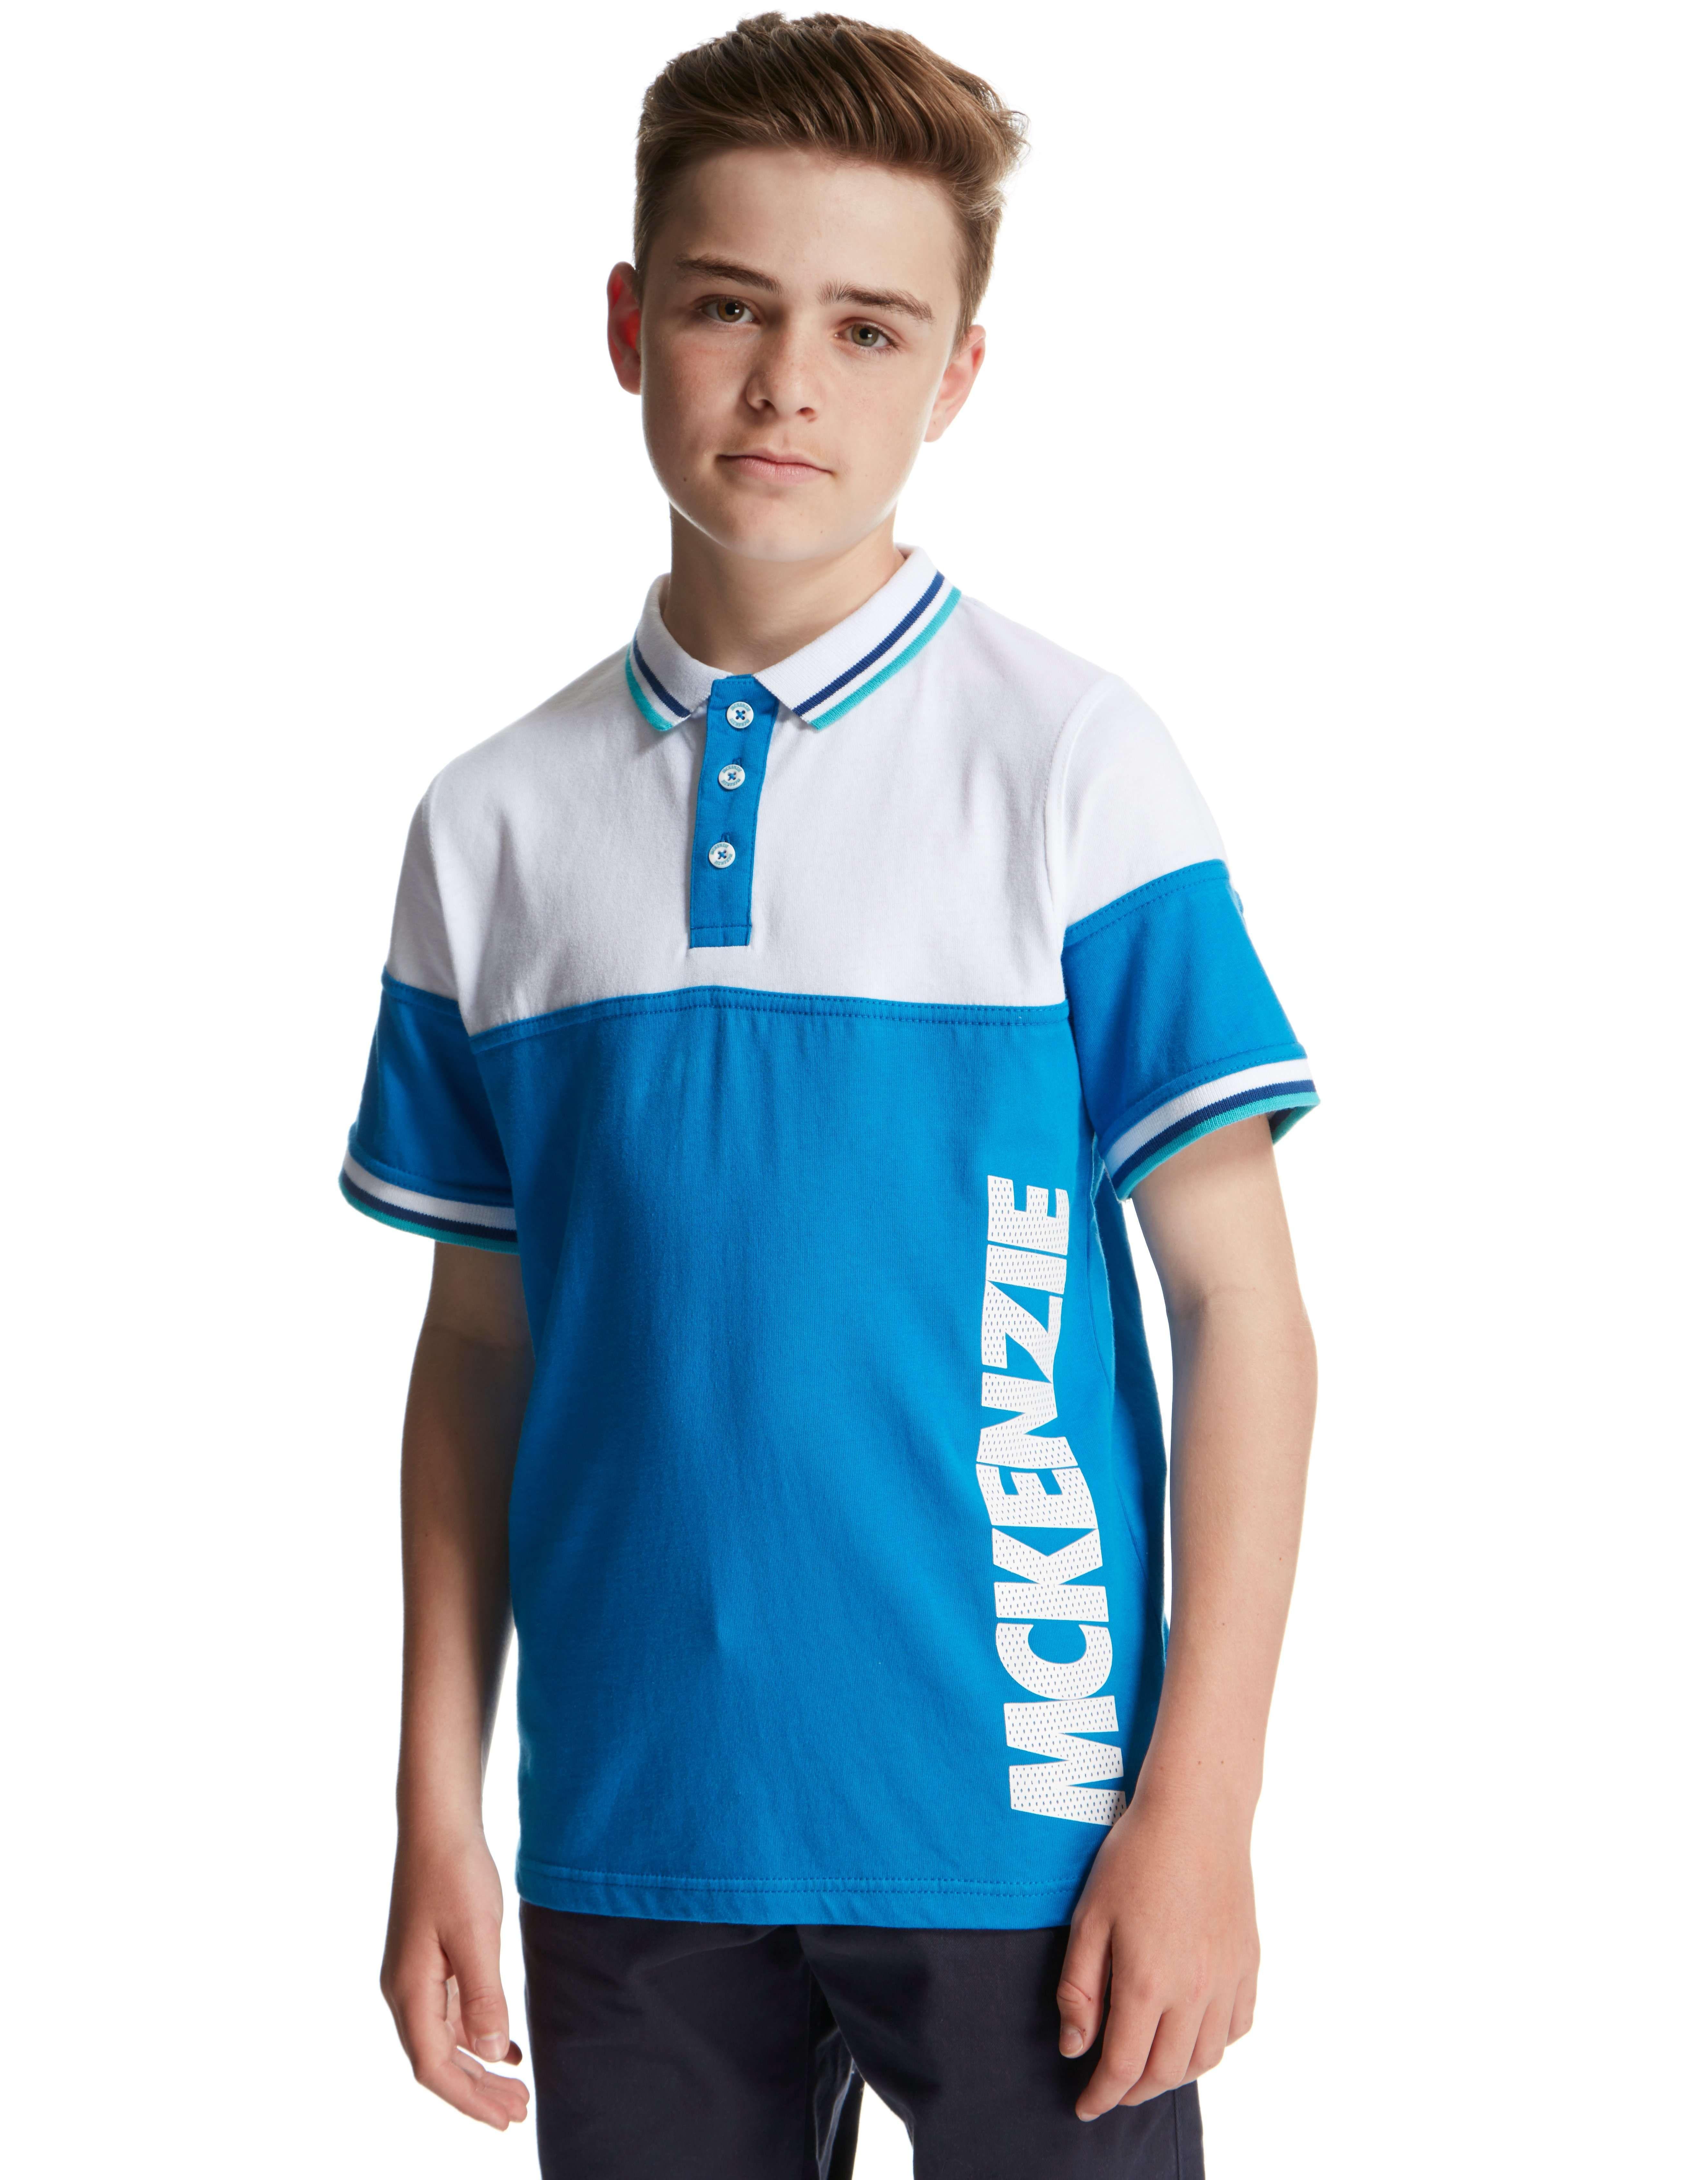 32a9aeb199d McKenzie Arthur Polo T-Shirt Junior - Shop online for McKenzie Arthur Polo…